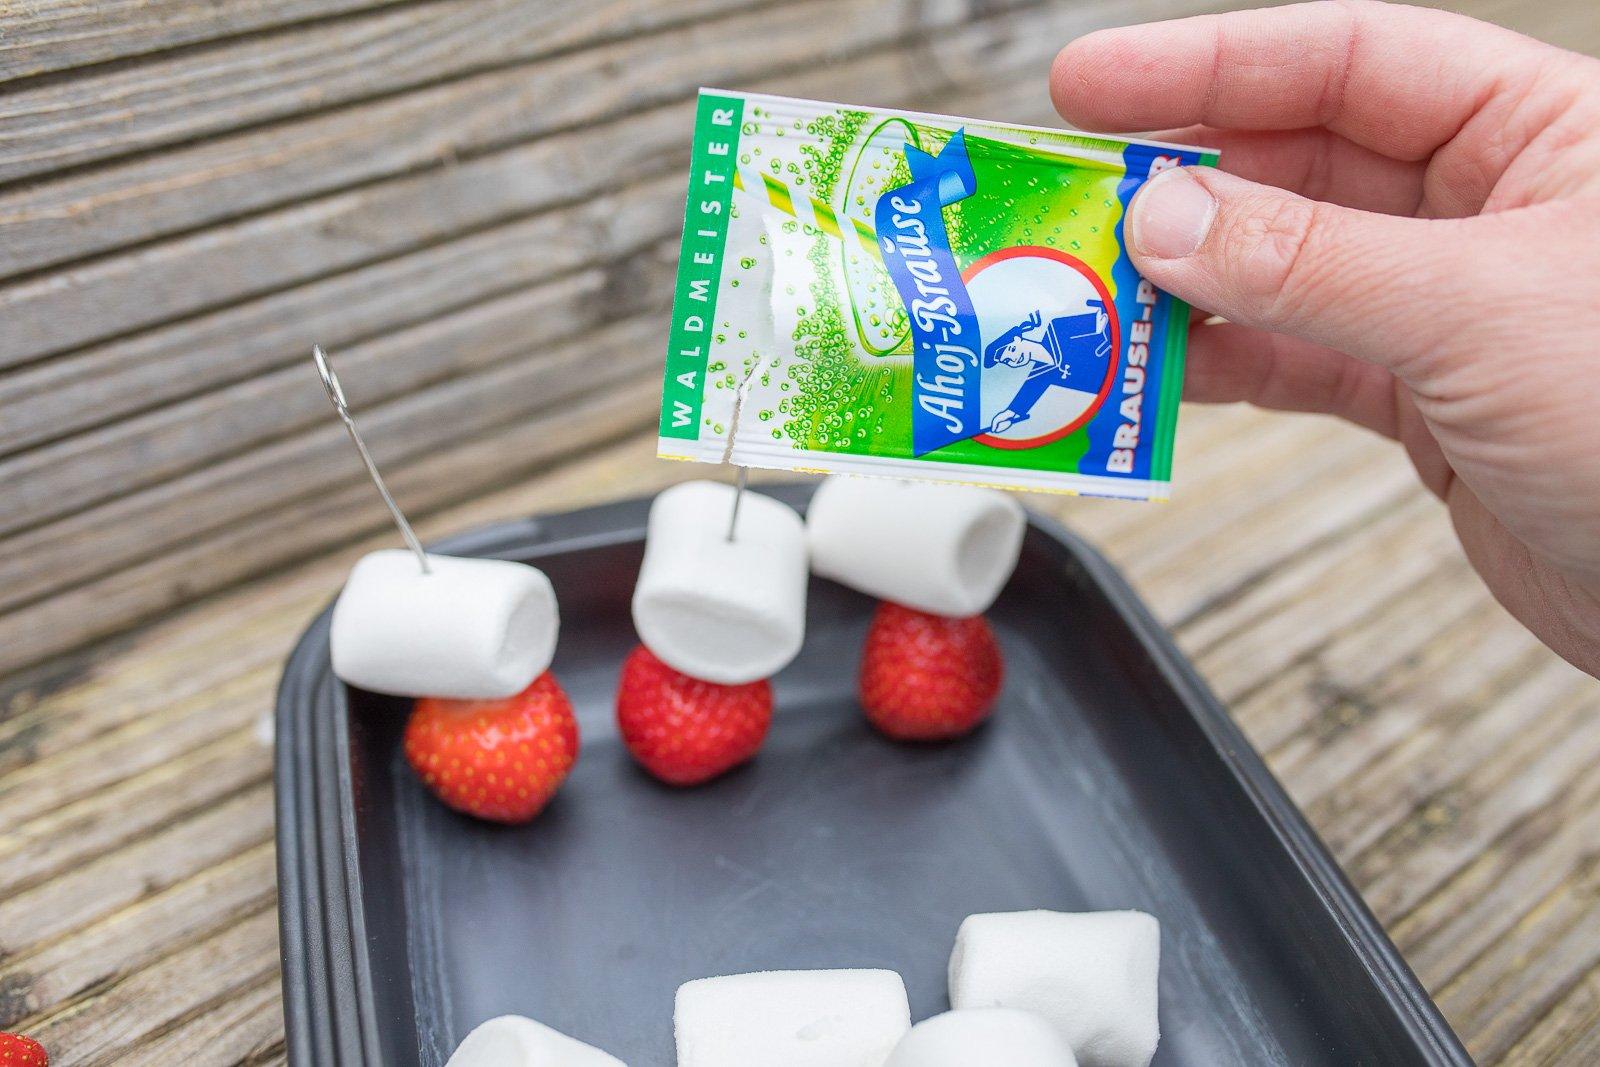 gegrillte marshmallow Erdbeeren mit ahoi brause